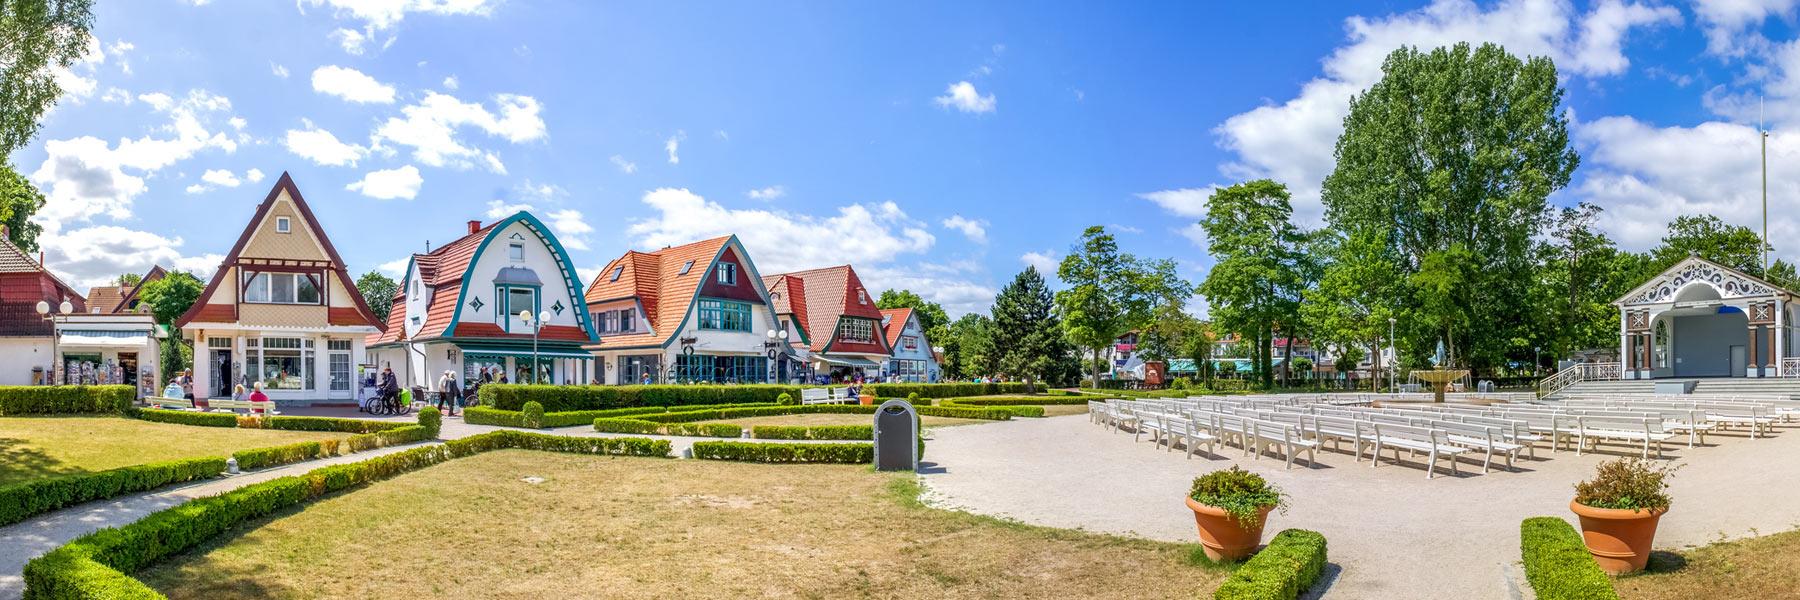 Promenade - Ostseebad Boltenhagen